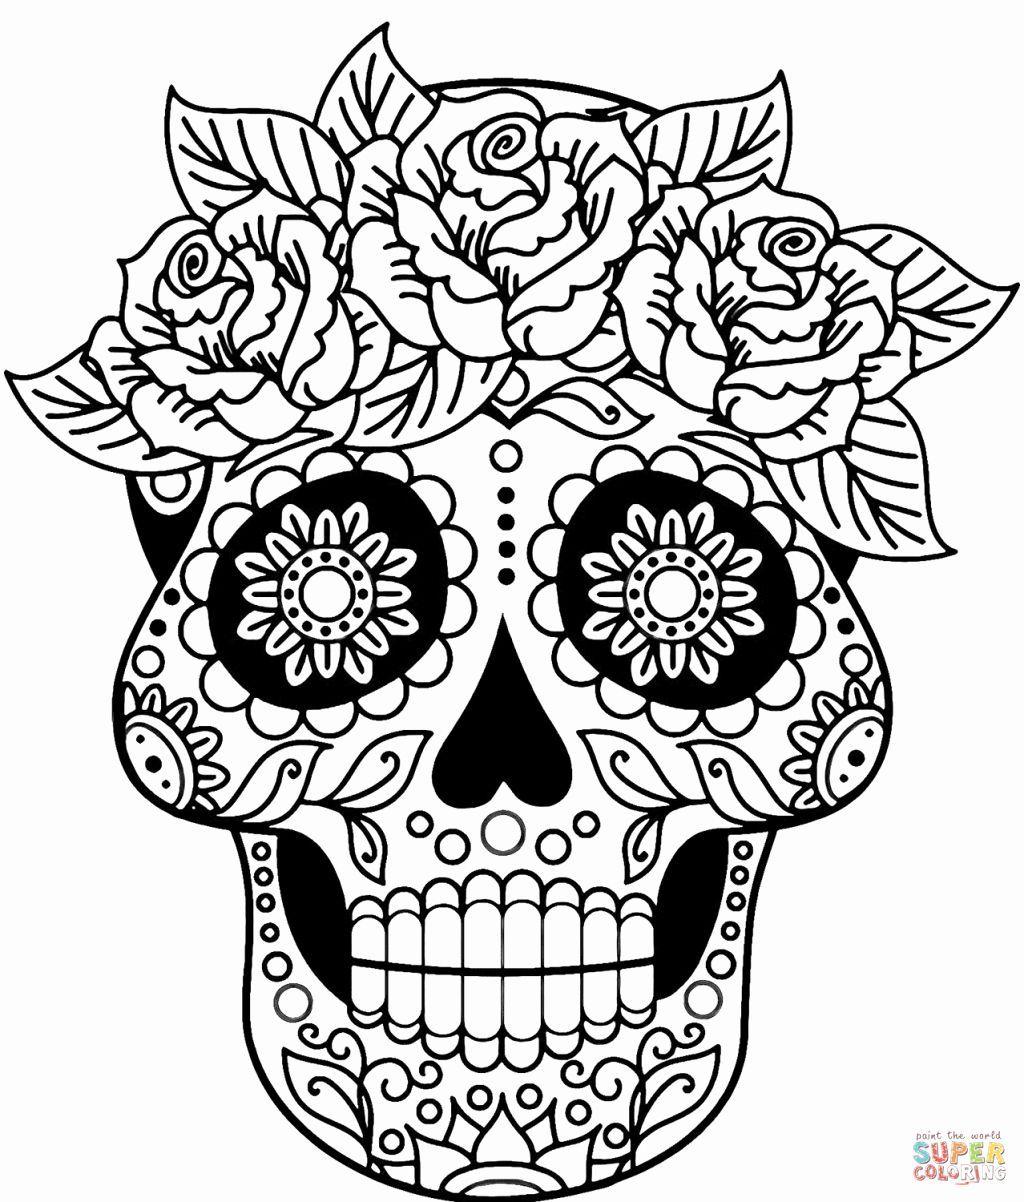 Sugar Skull Malvorlagen Druckbare Neue Uncategorized Uncategorized Intricate S Example Cartoons Color Malvorlagen Zuckerschadel Kostenlose Ausmalbilder